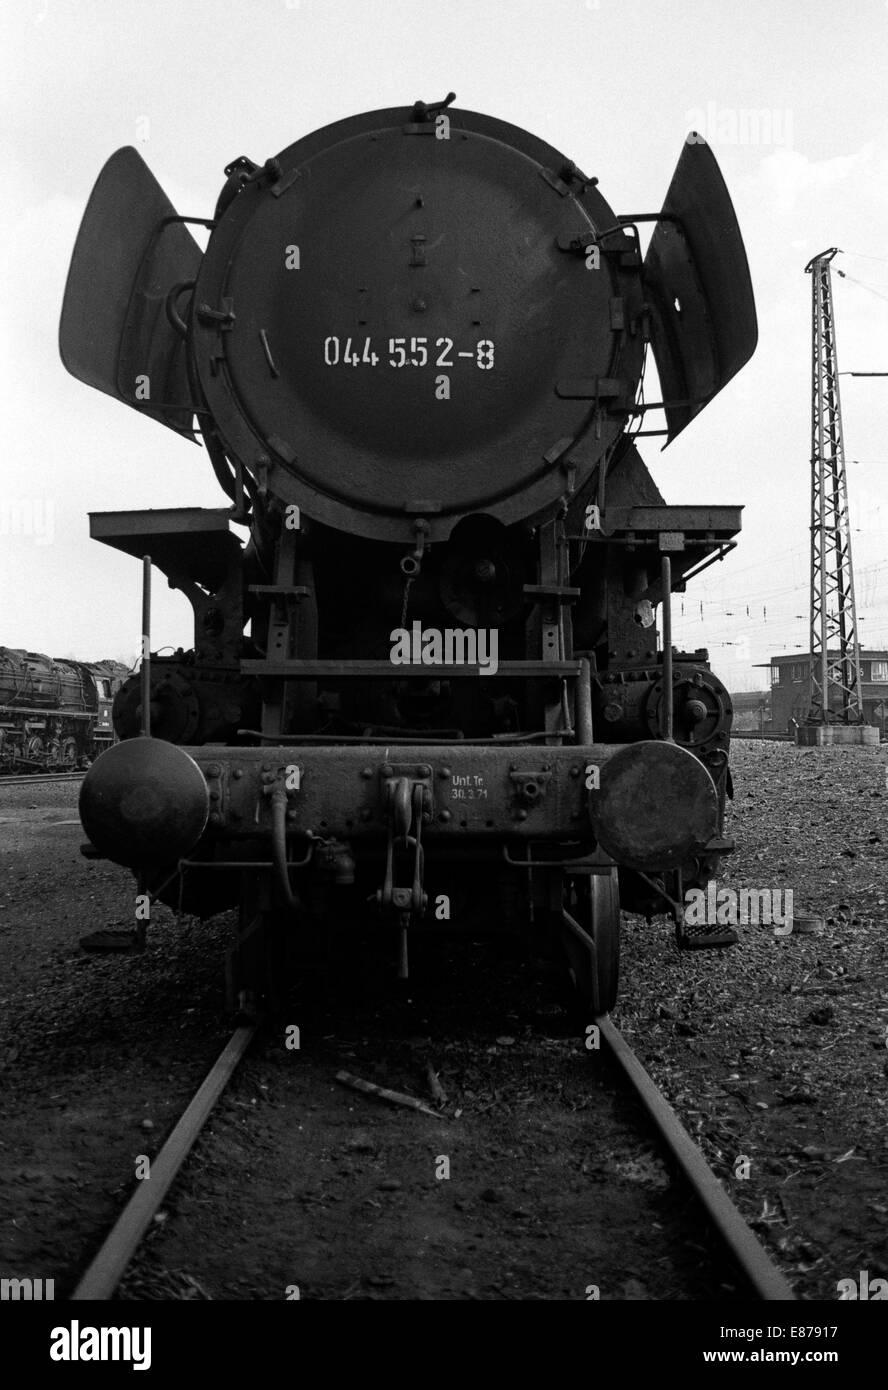 Gelsenkirchen, Germany, steam locomotives parked in BW Gelsenkirchen-Bismark - Stock Image